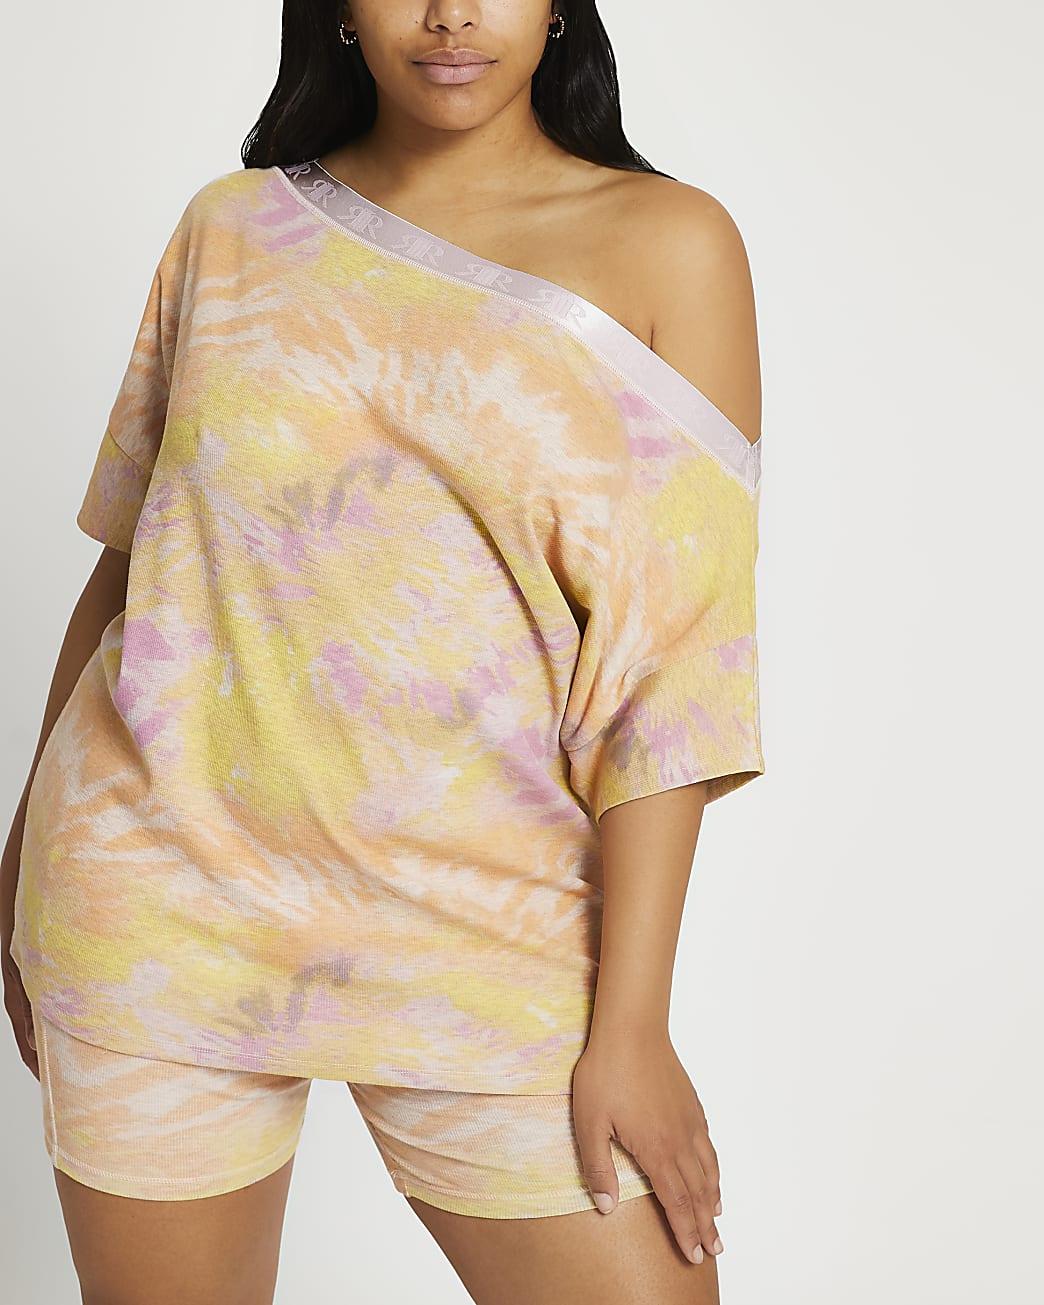 Plus pink Intimates tie dye asymmetric top